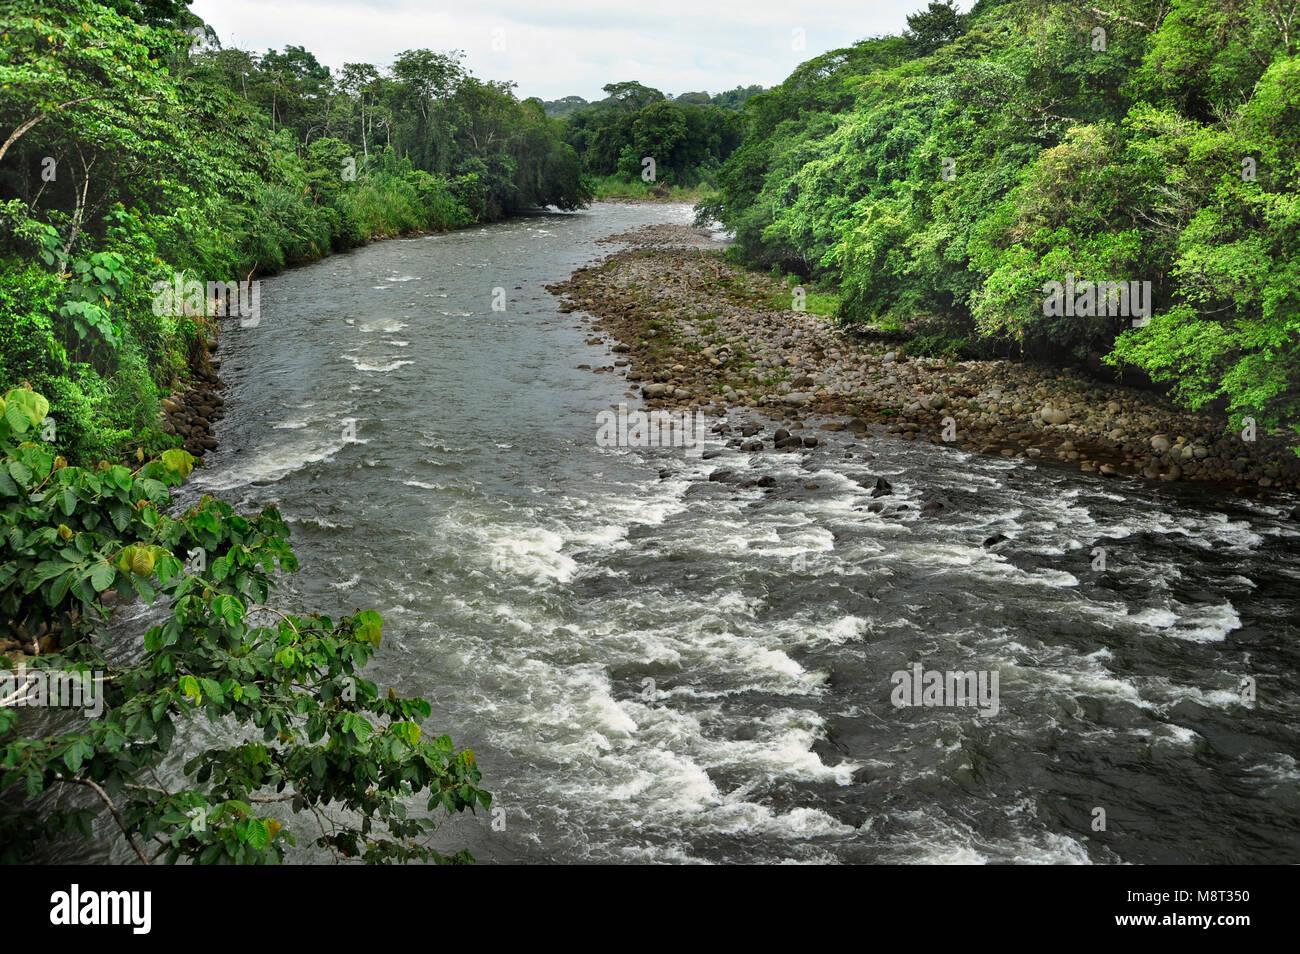 The Sarapiquí river flows through the Tirimbina Biological Reserve in Costa Rica. Stock Photo